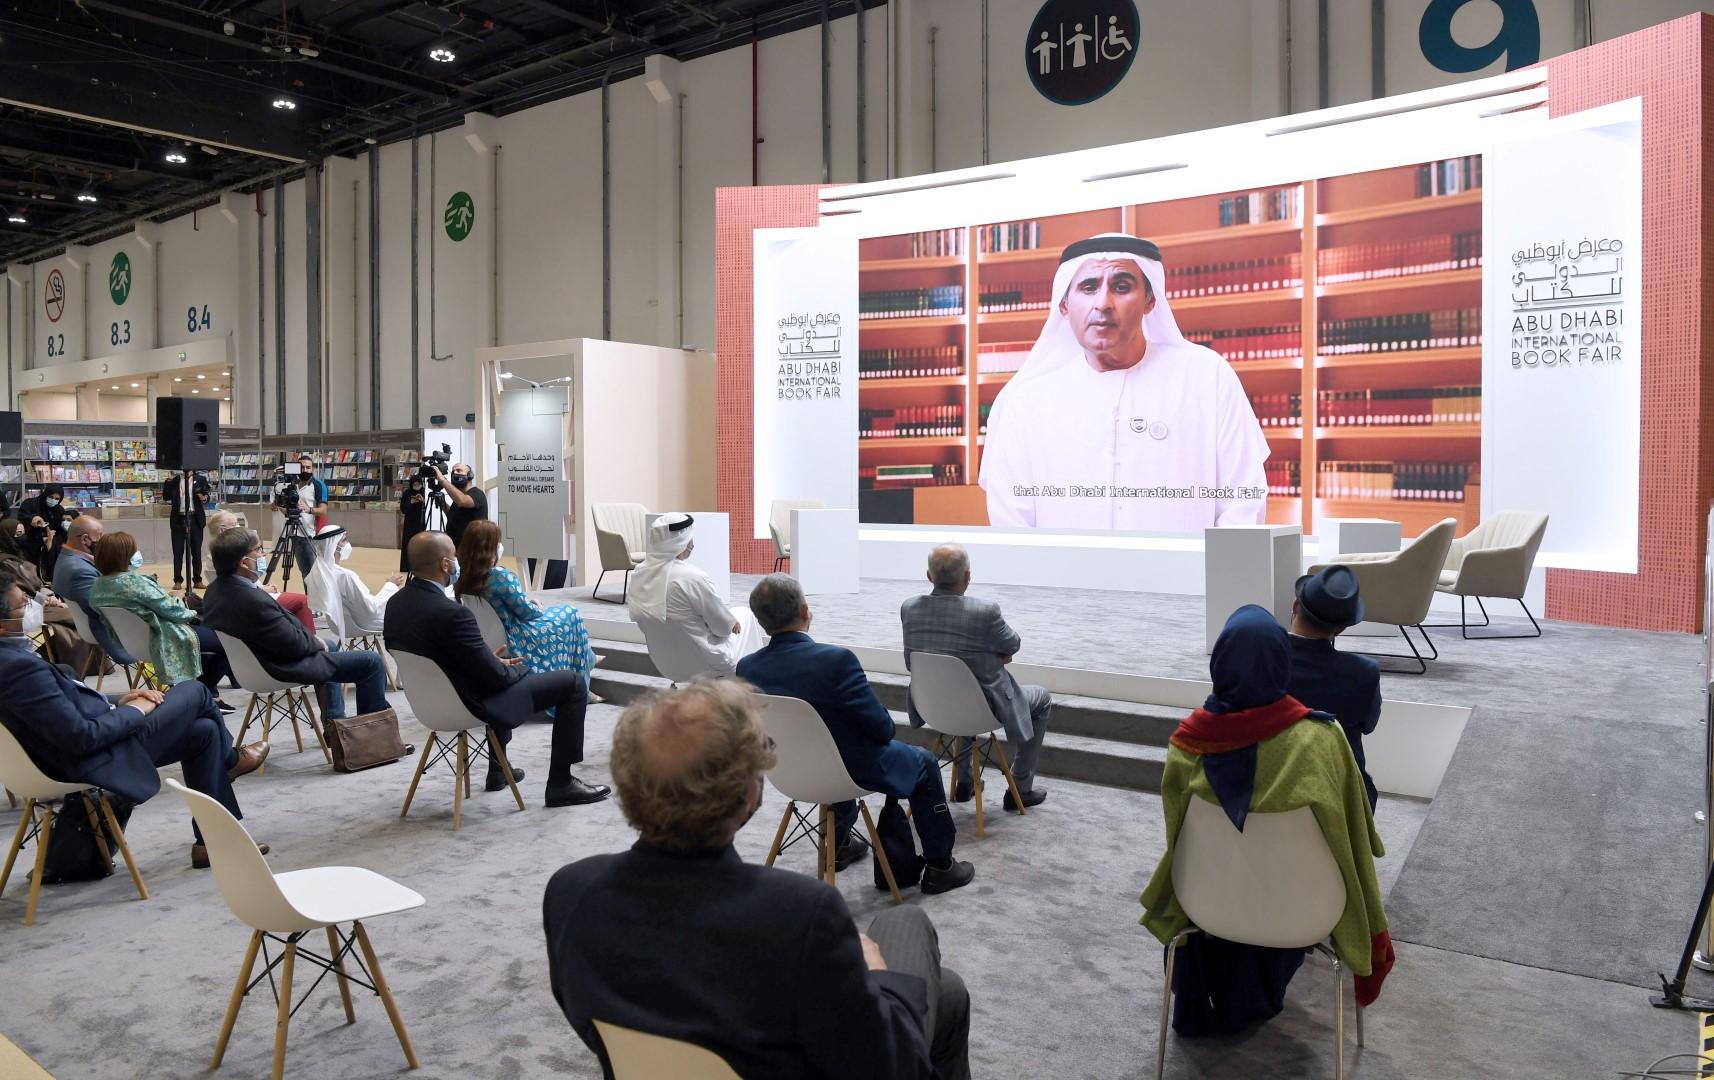 برعاية محمد بن زايد.. جائزة الشيخ زايد للكتاب تكرم الفائزين في دورتها الـ15